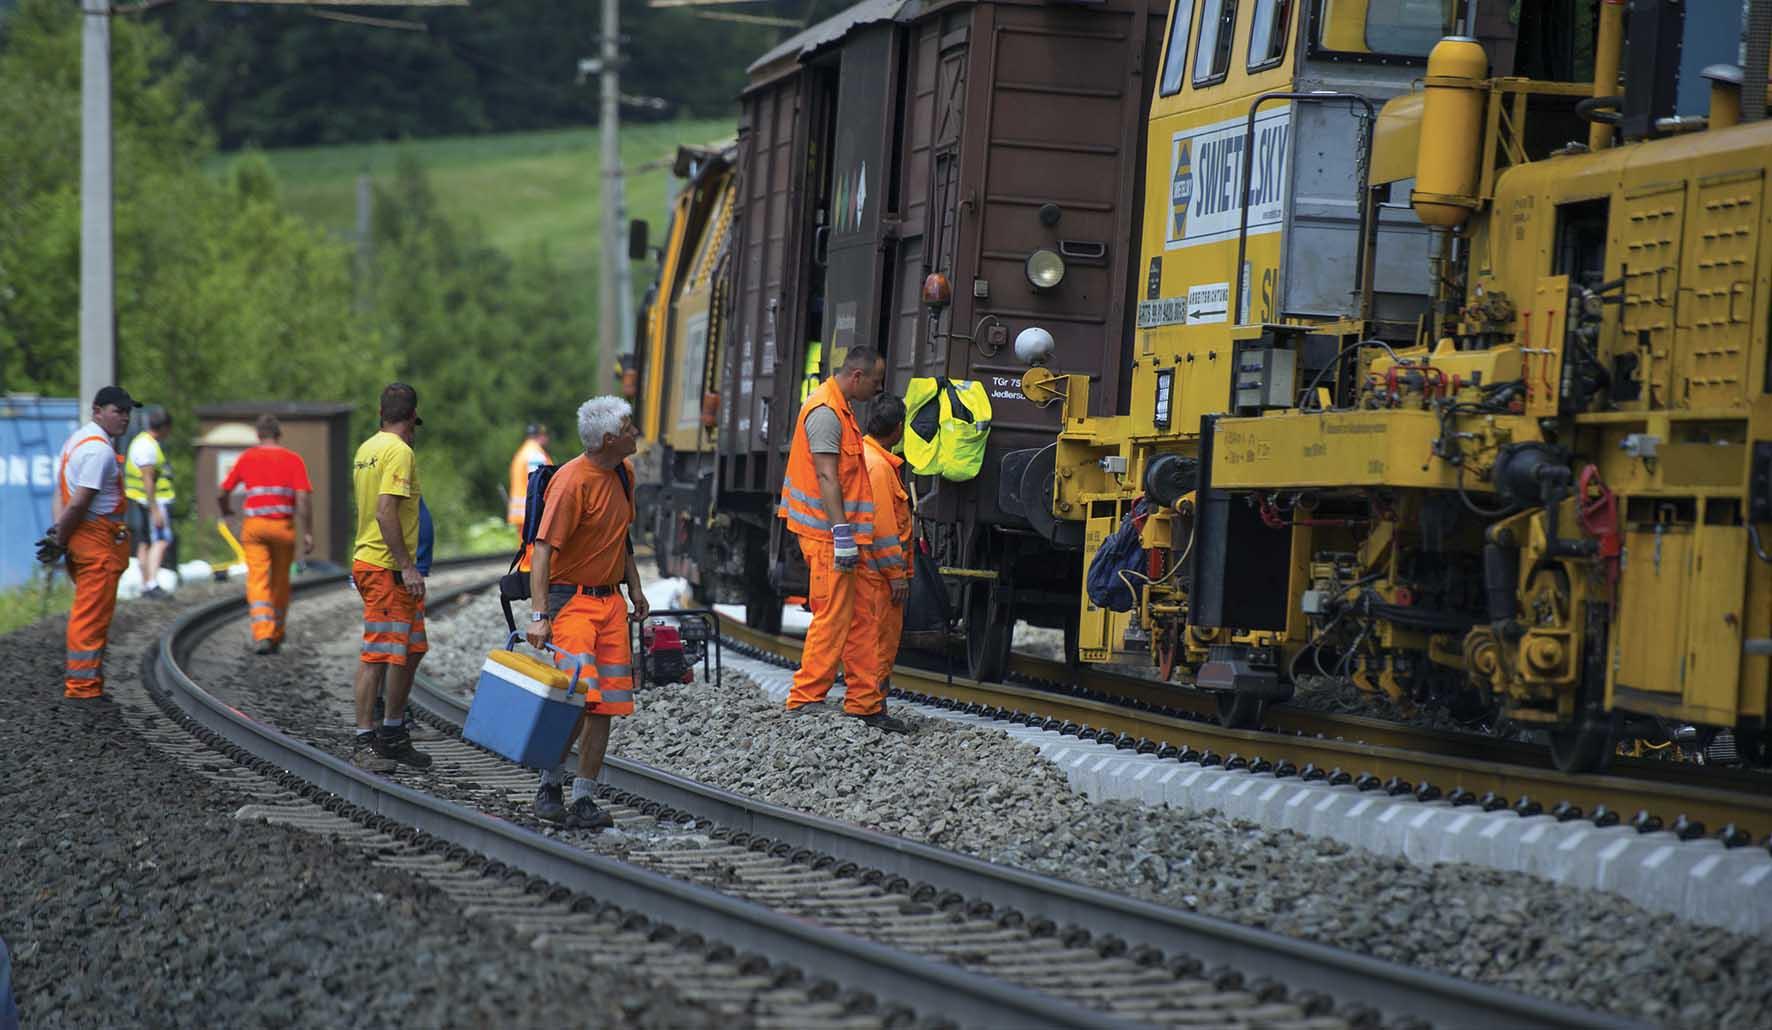 lavori ristrutturazione linea ferroviaria brennero in Austria 1 1